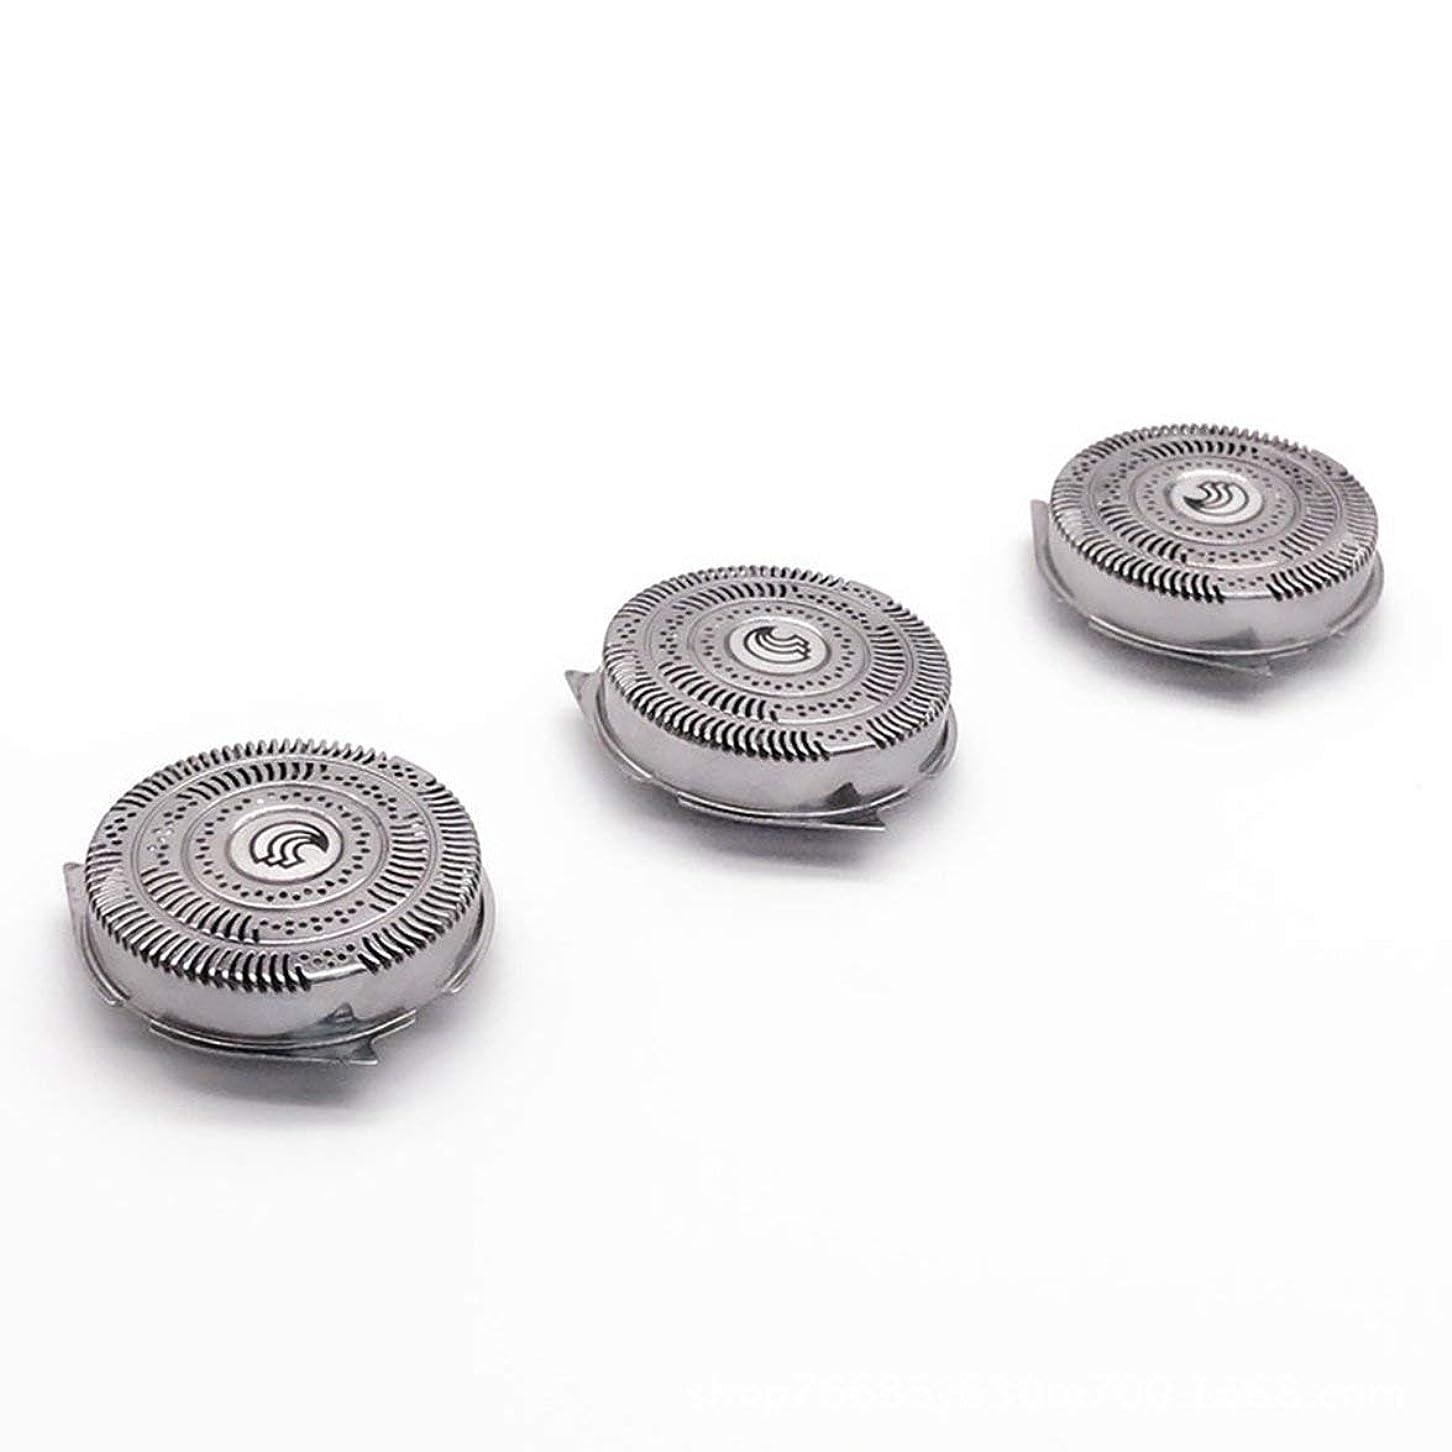 銅生理ショッキングフィリップスHQ9070 HQ9080 HQ8240 / 8260 PT920ロータリーシェーバーアクセサリー用シルバー3本シェーバーかみそり刃シェービングヘッド交換用フィット - シルバー